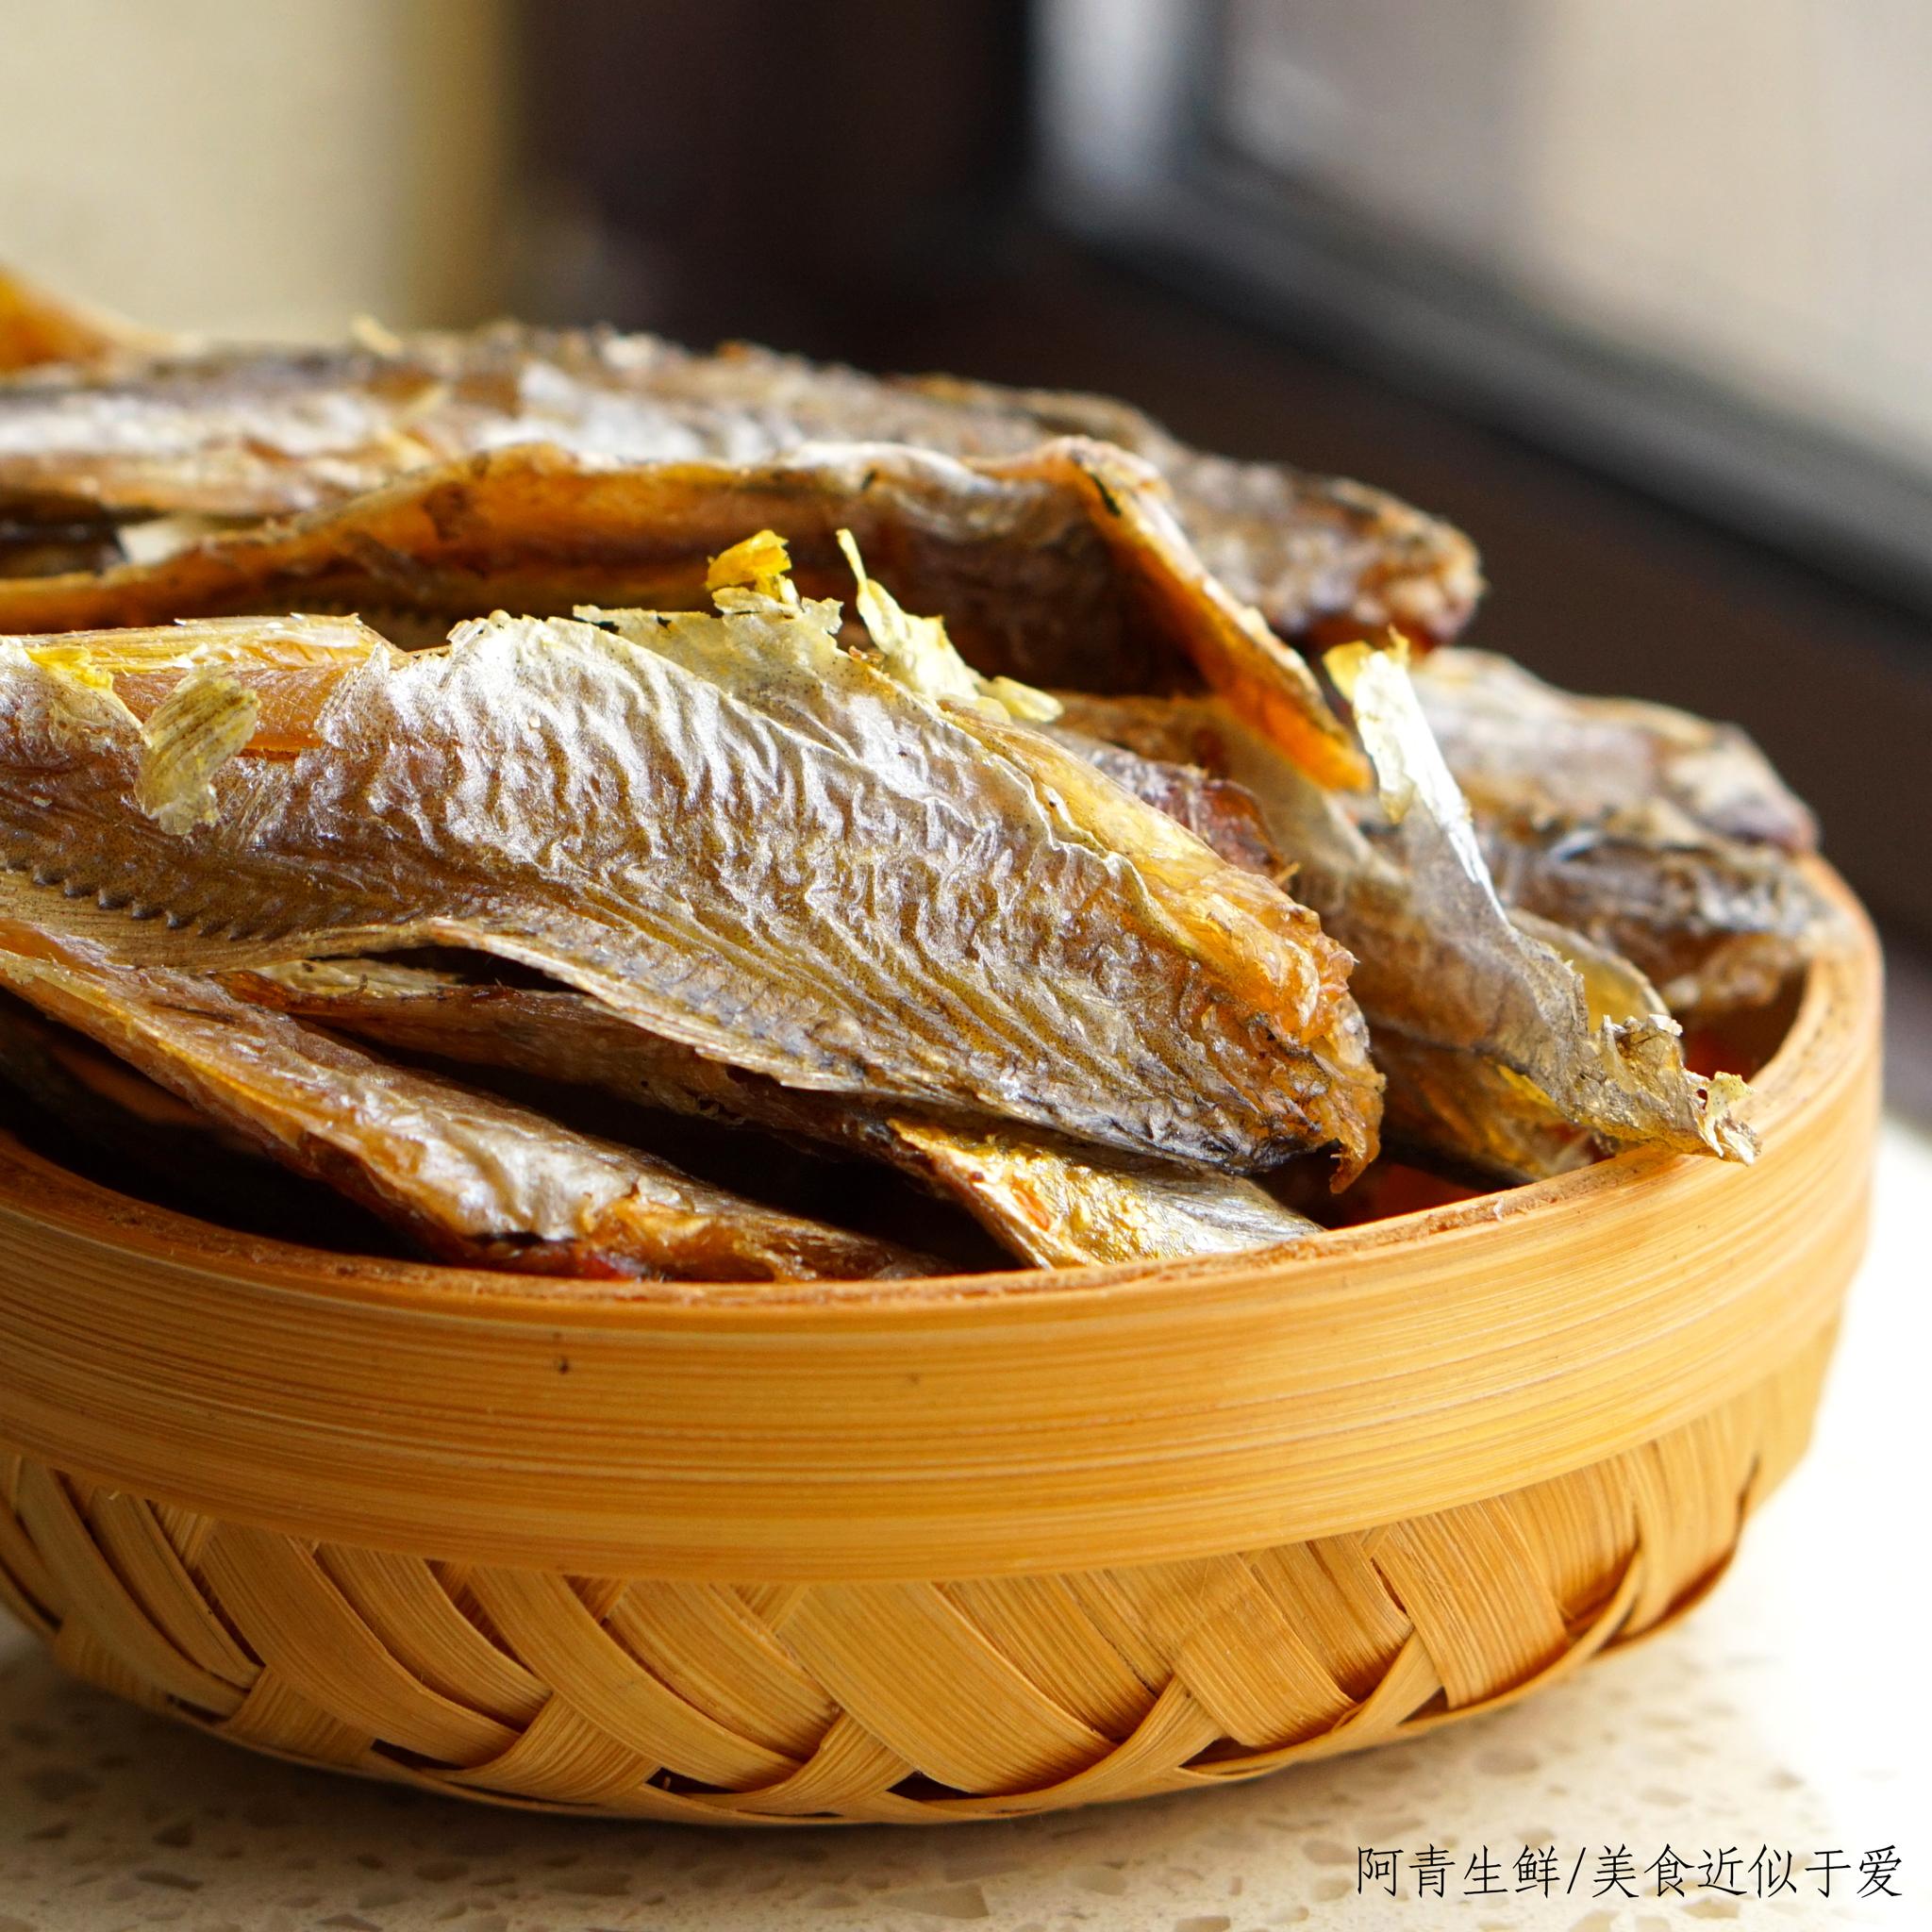 阿青生鲜 舟山特产香酥小黄鱼干 零食即食 舟山特产海味干货100g